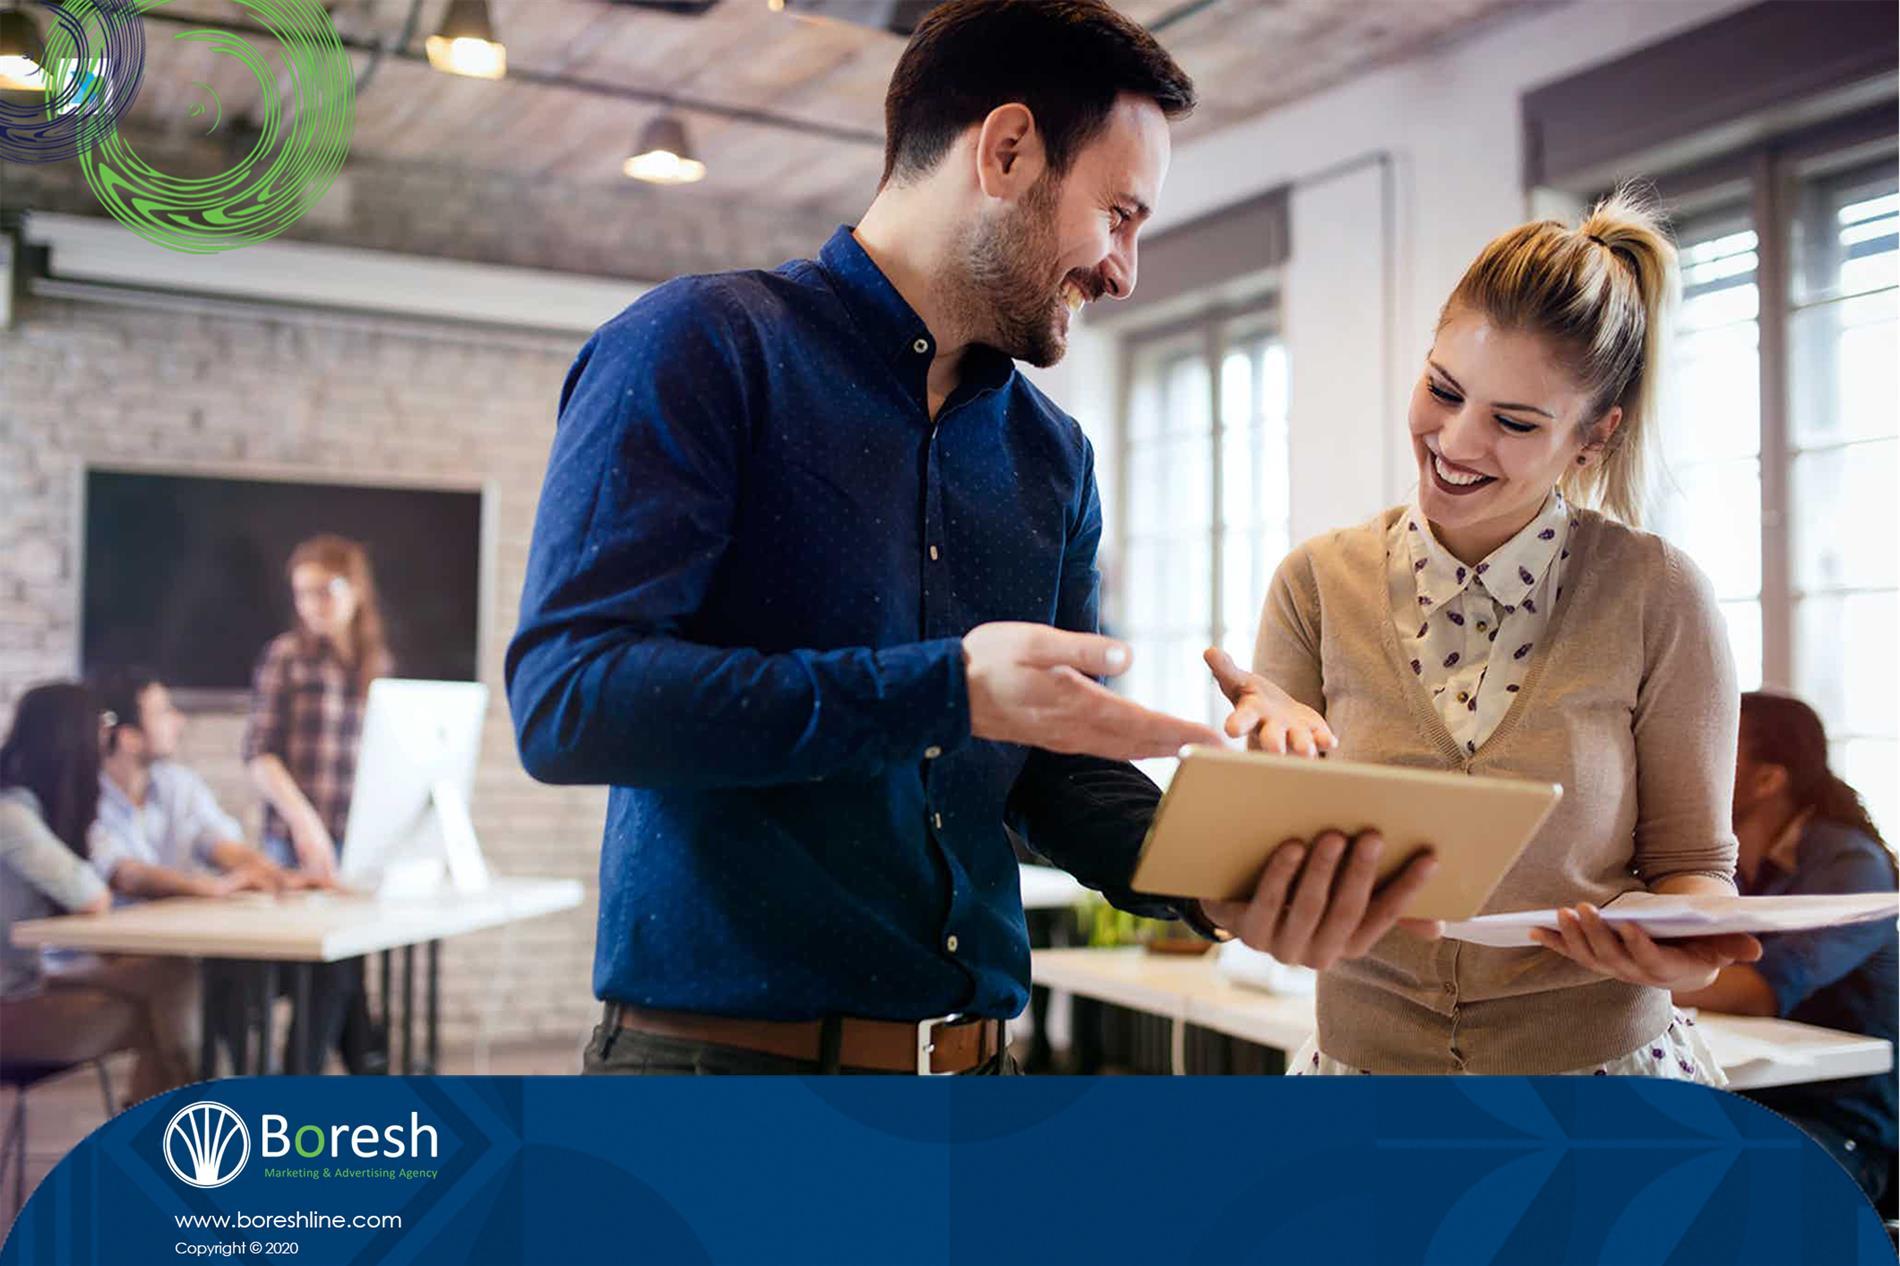 تعریف اولیه بازاریابی چیست ؟ - گروه برندسازی، تبلیغات،بازاریابی و توسعه کسب و کار برش